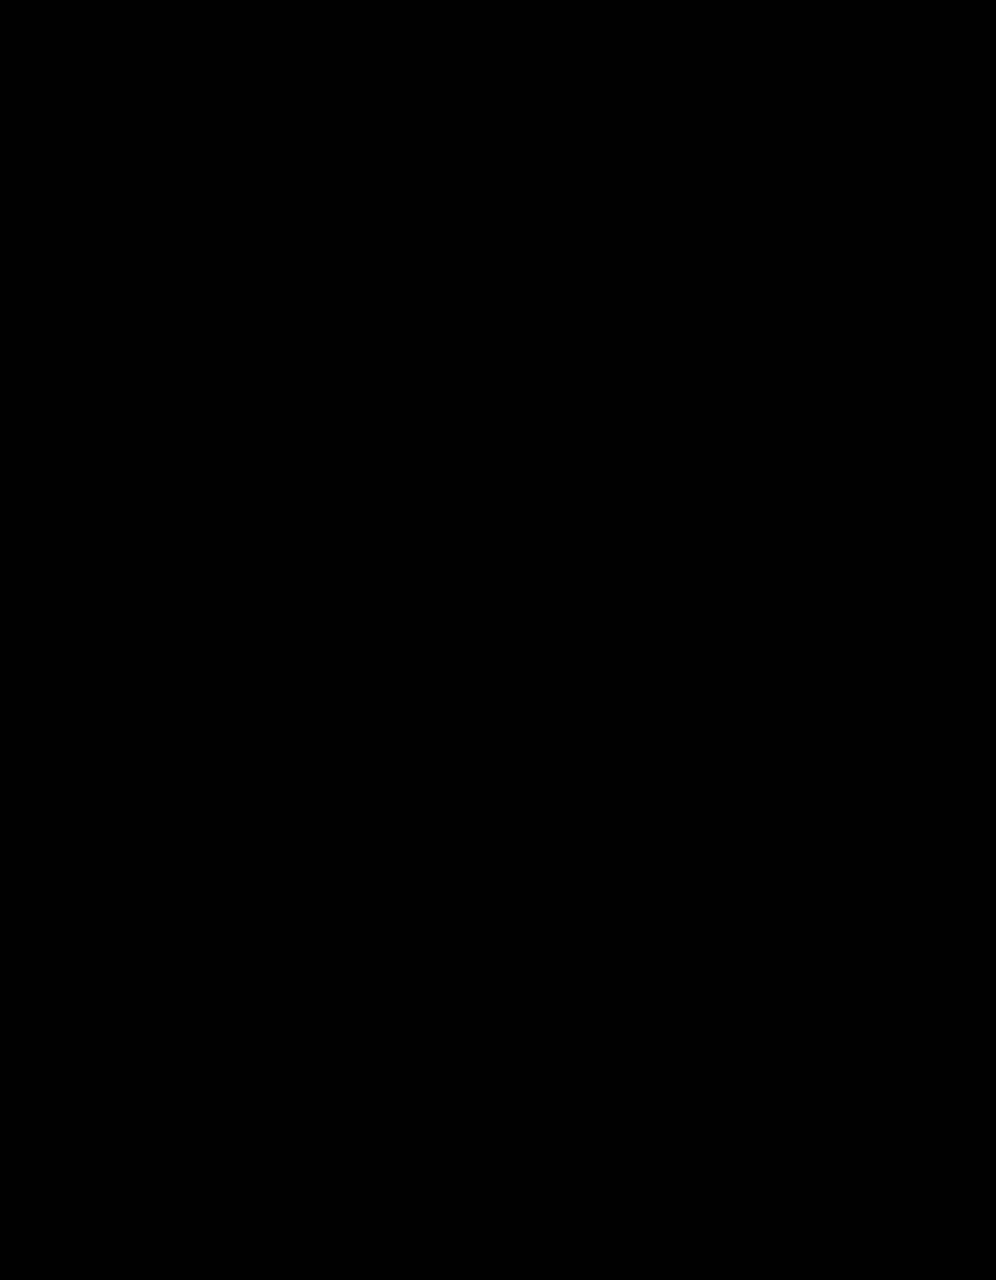 DVOUCESTNÁ KUCHYŇSKÁ BATERIE SCHOCK ARES ONYX